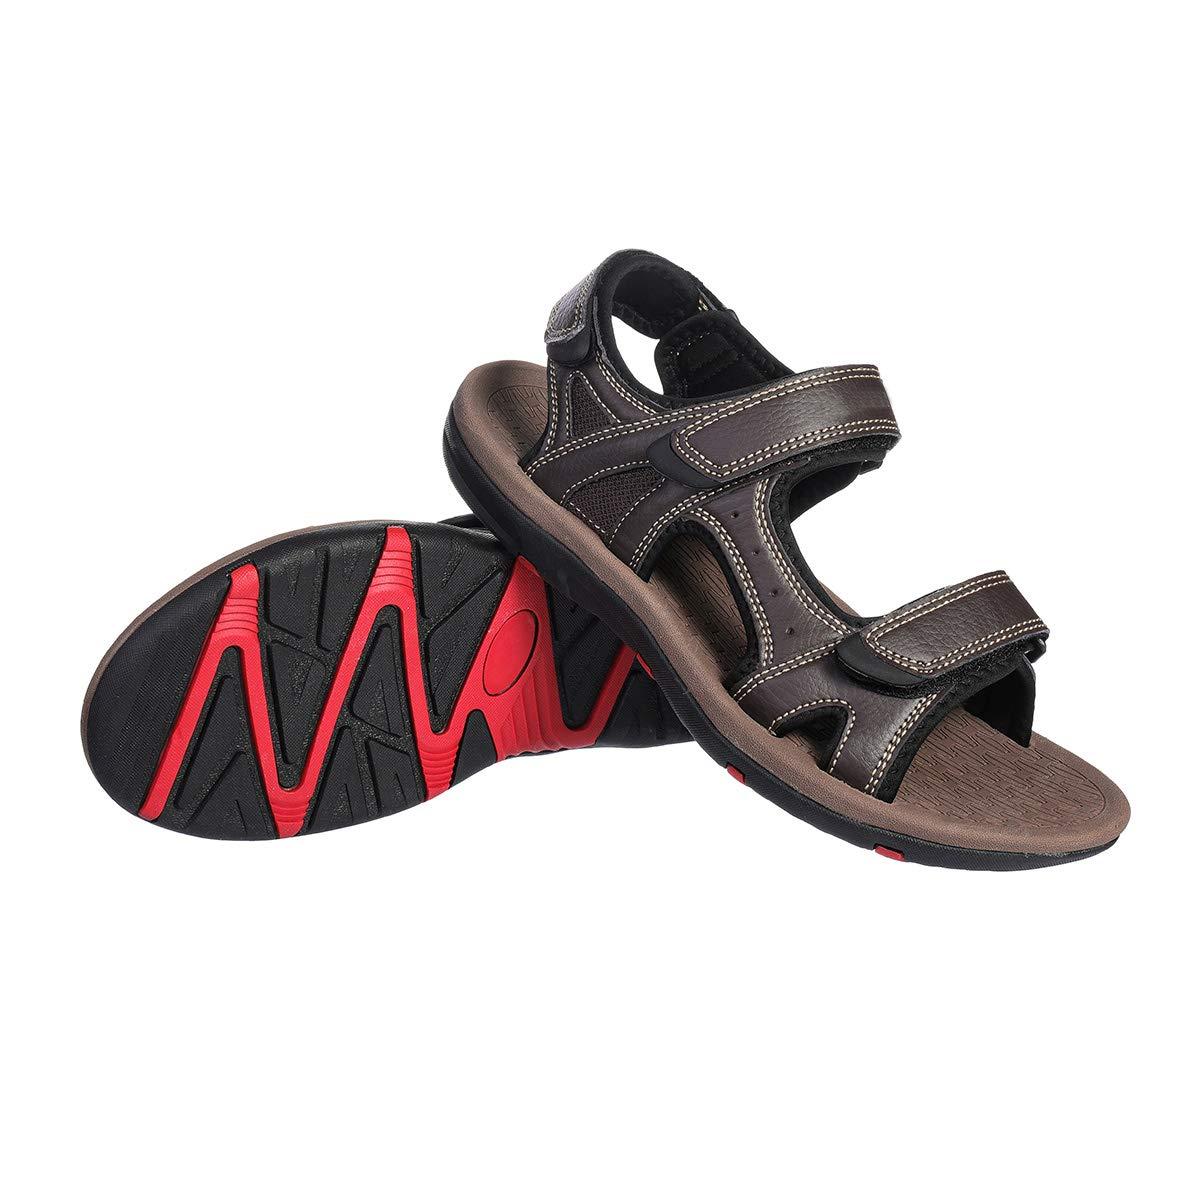 Cuir Sports De Marche Chaussures Synthétique À Sandales Été D'été En jqALc35R4